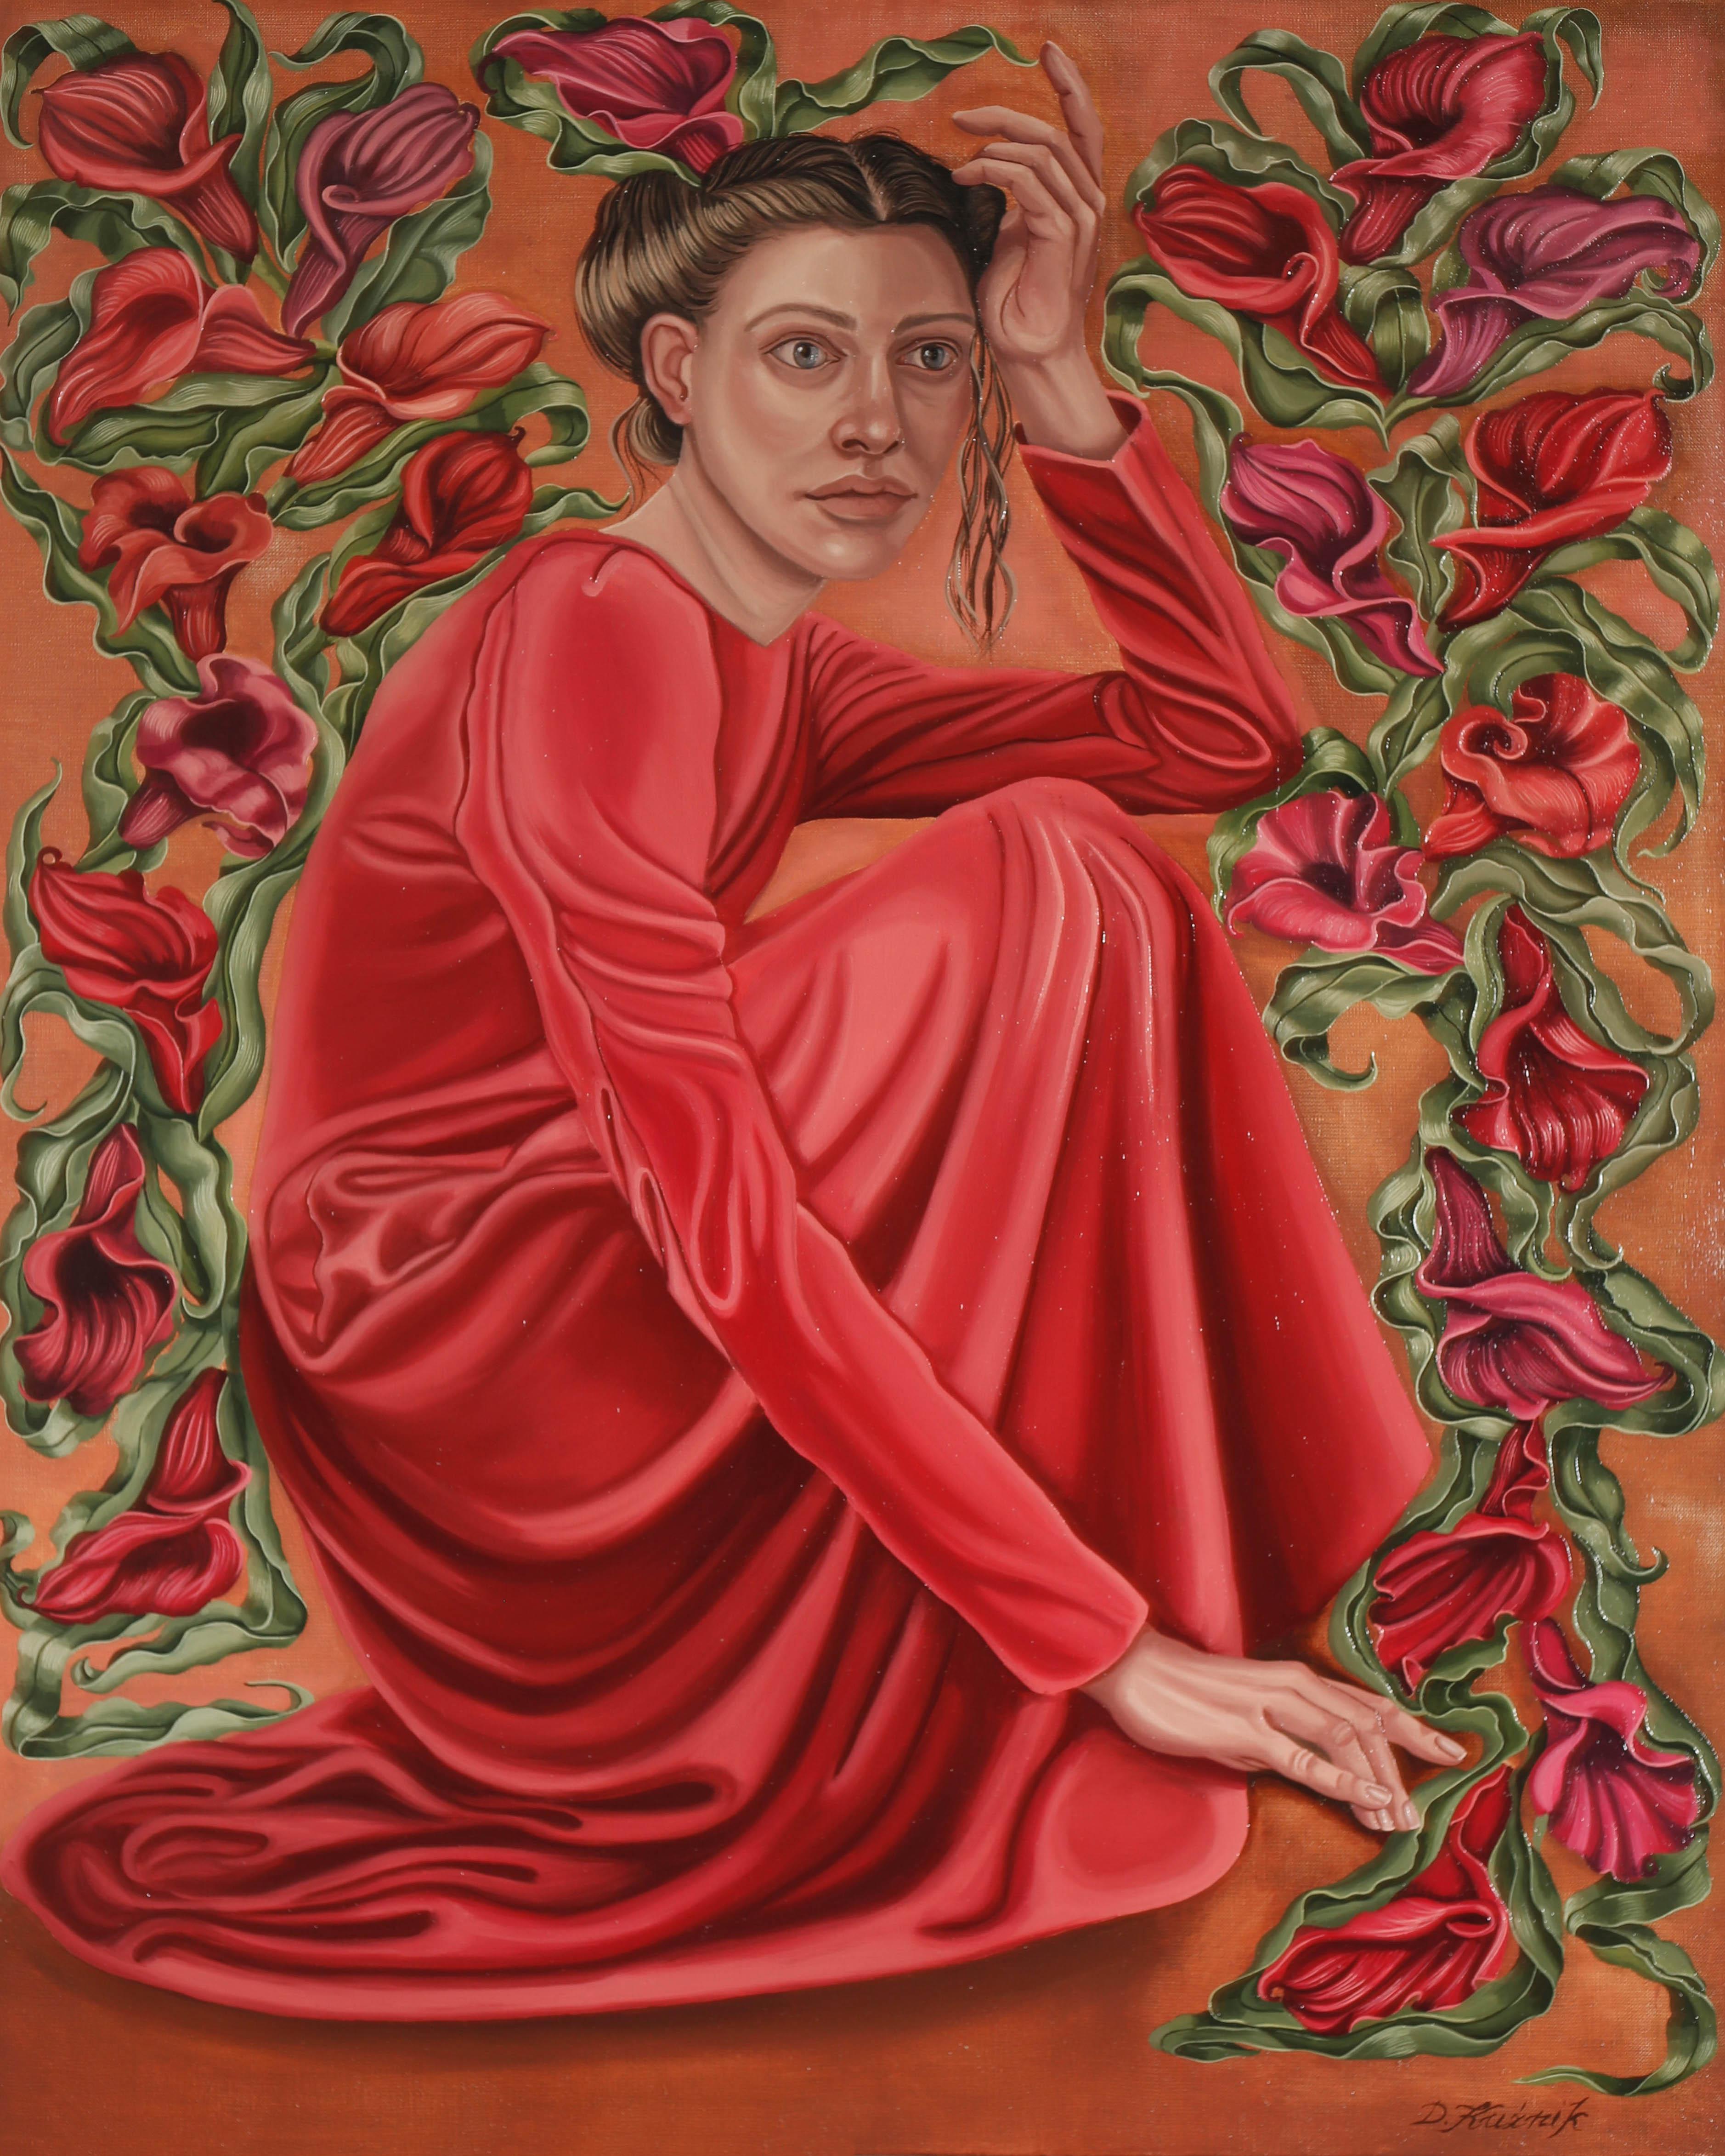 Czerwona sukienka, 2021